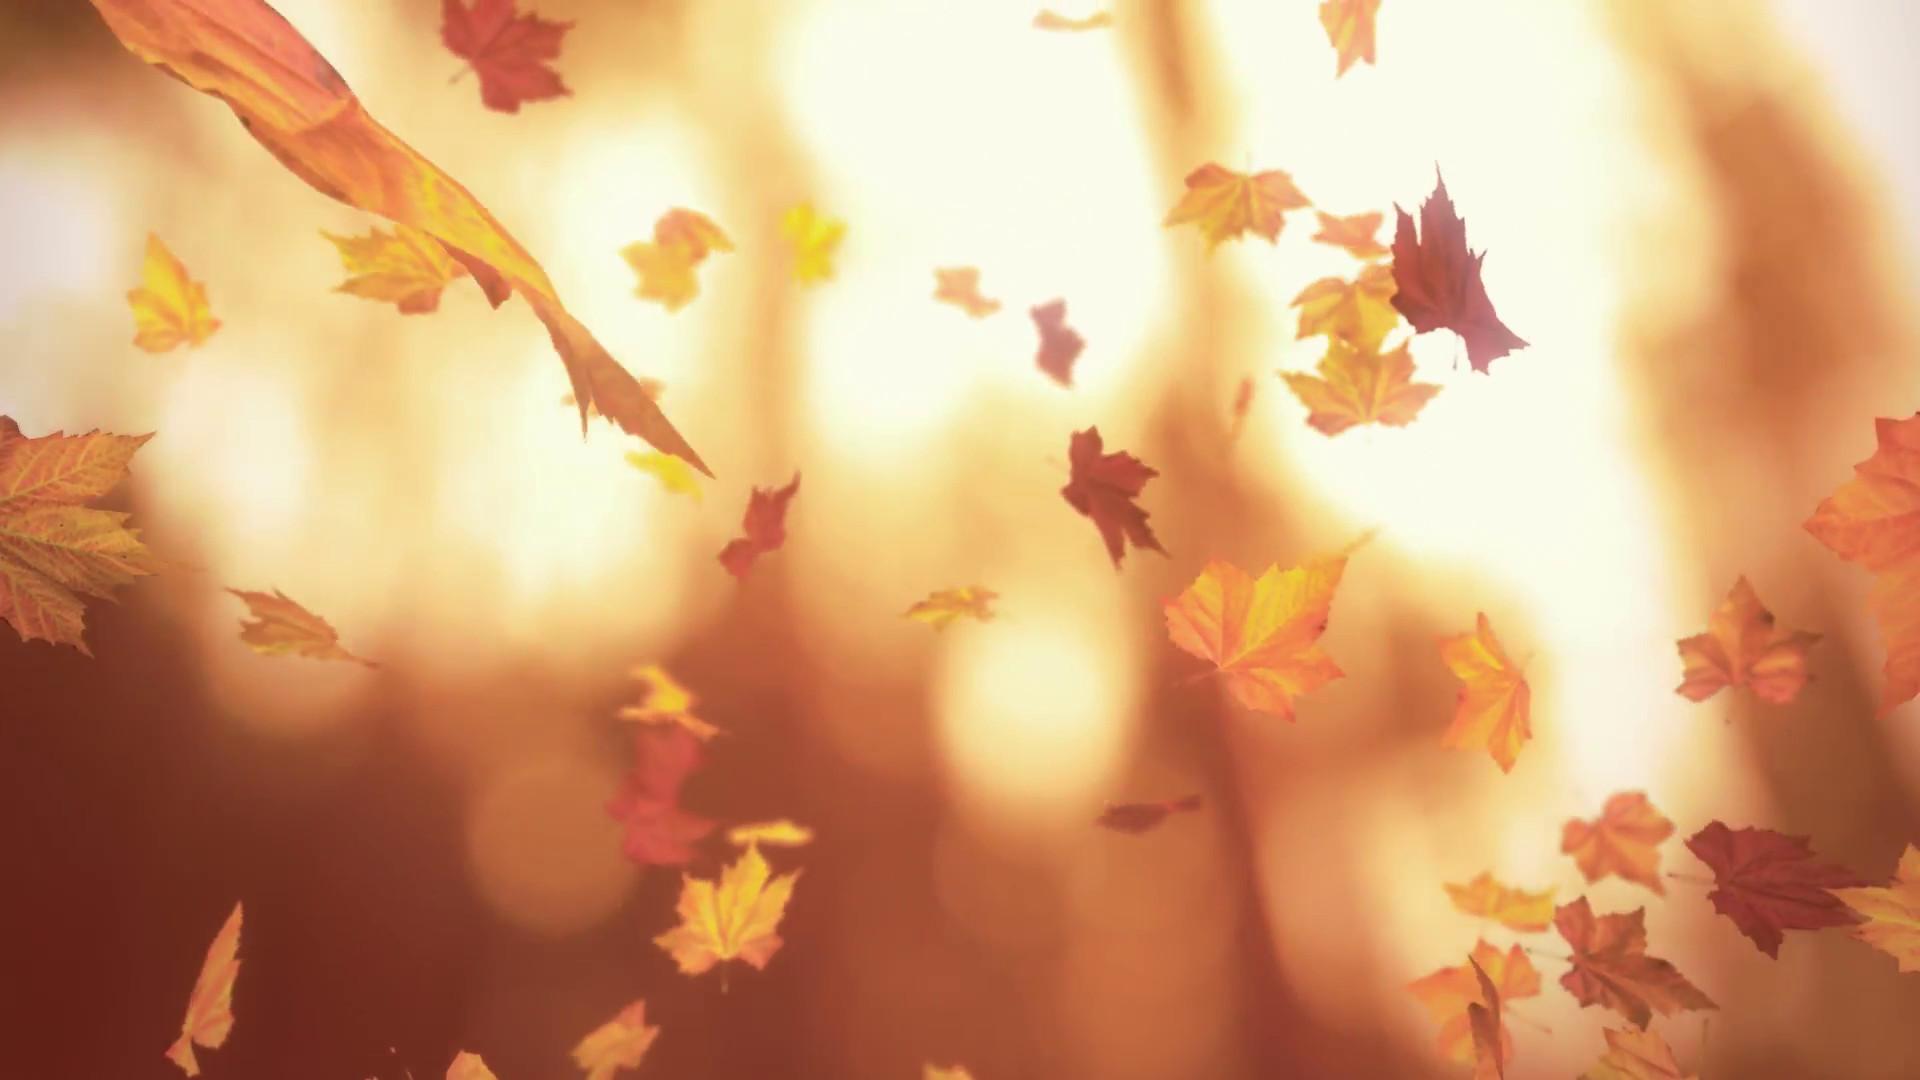 vintage autumn images